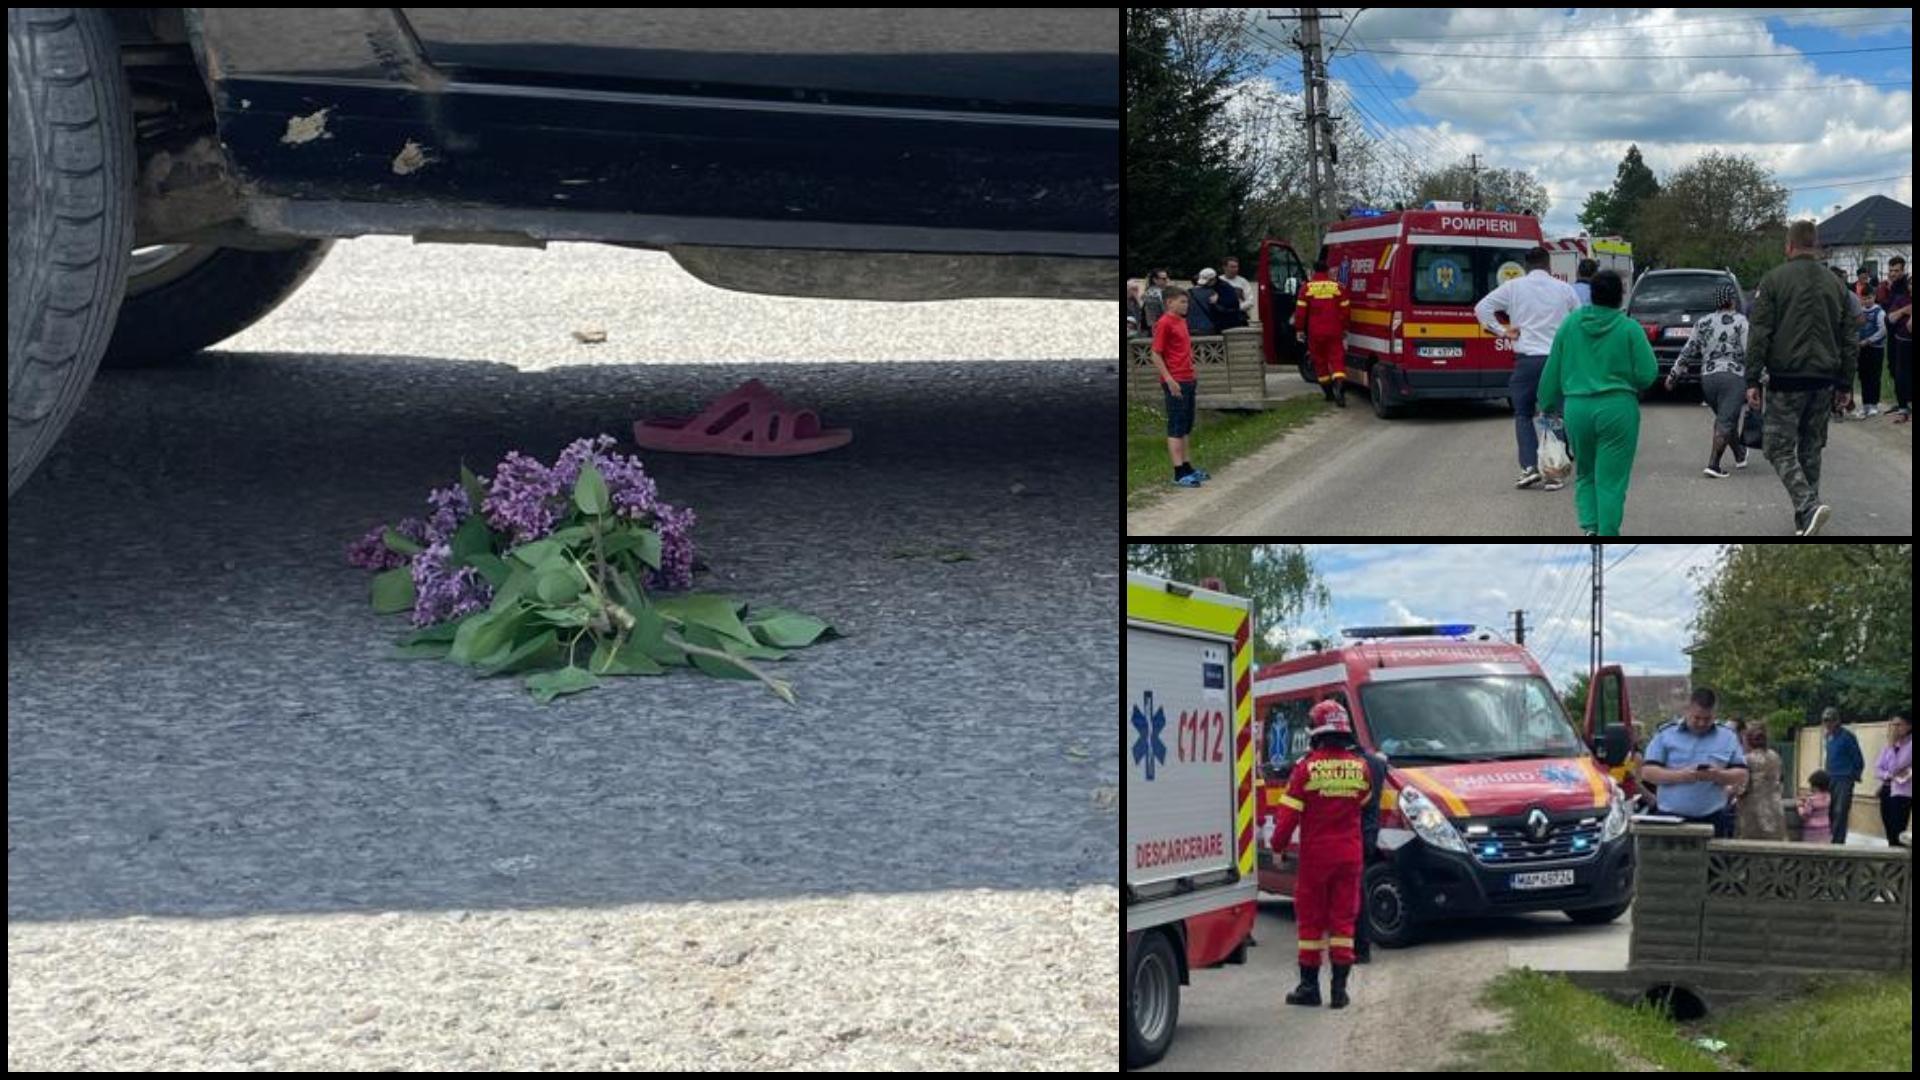 Fetița de 5 ani lovită de mașină la Mitocu Dragomirnei a murit. Florile de liliac și papucul copilei, sub autoturismul implicat în tragedie